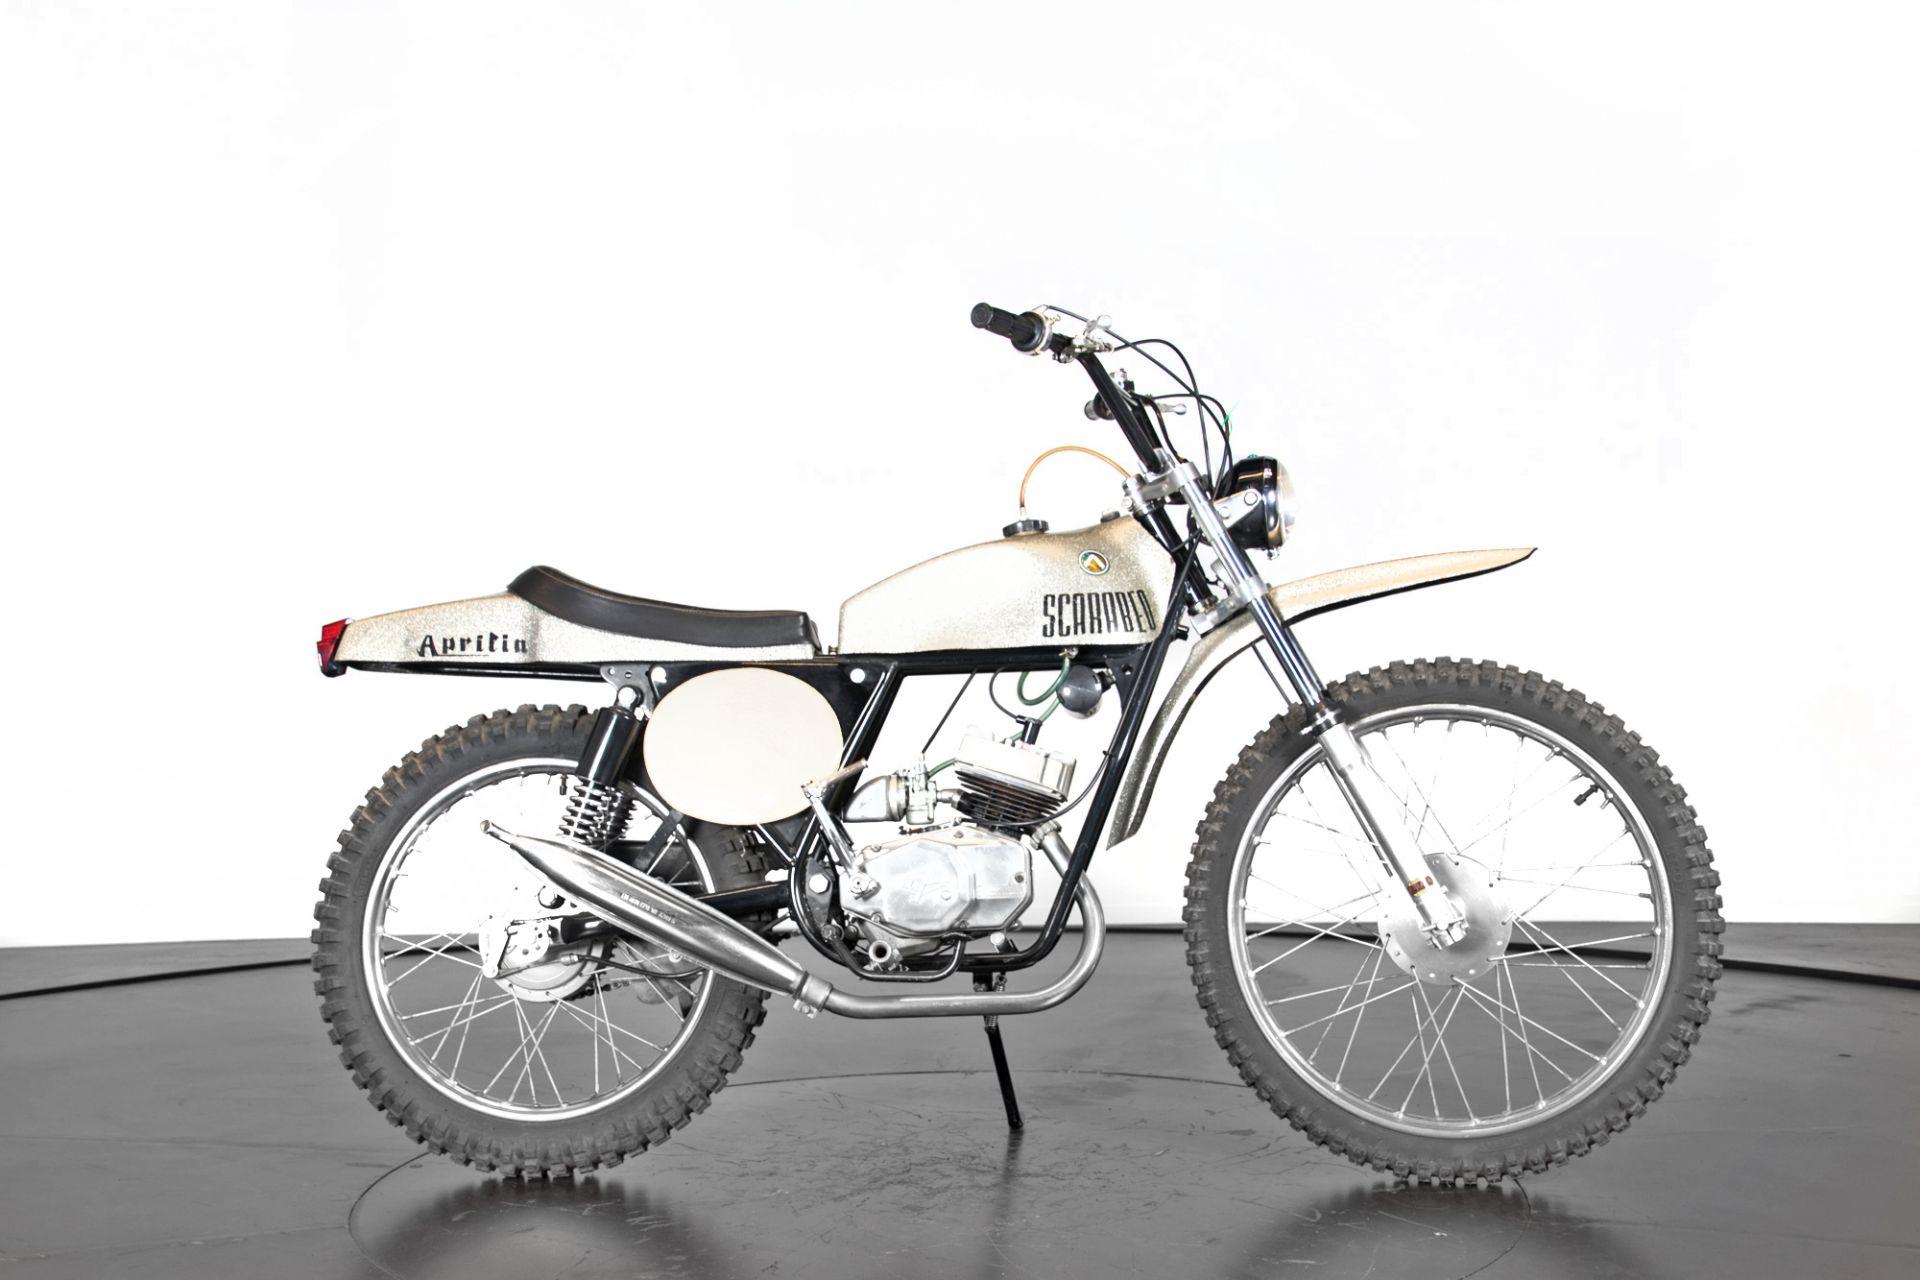 1972 Aprilia Scarabeo 35517